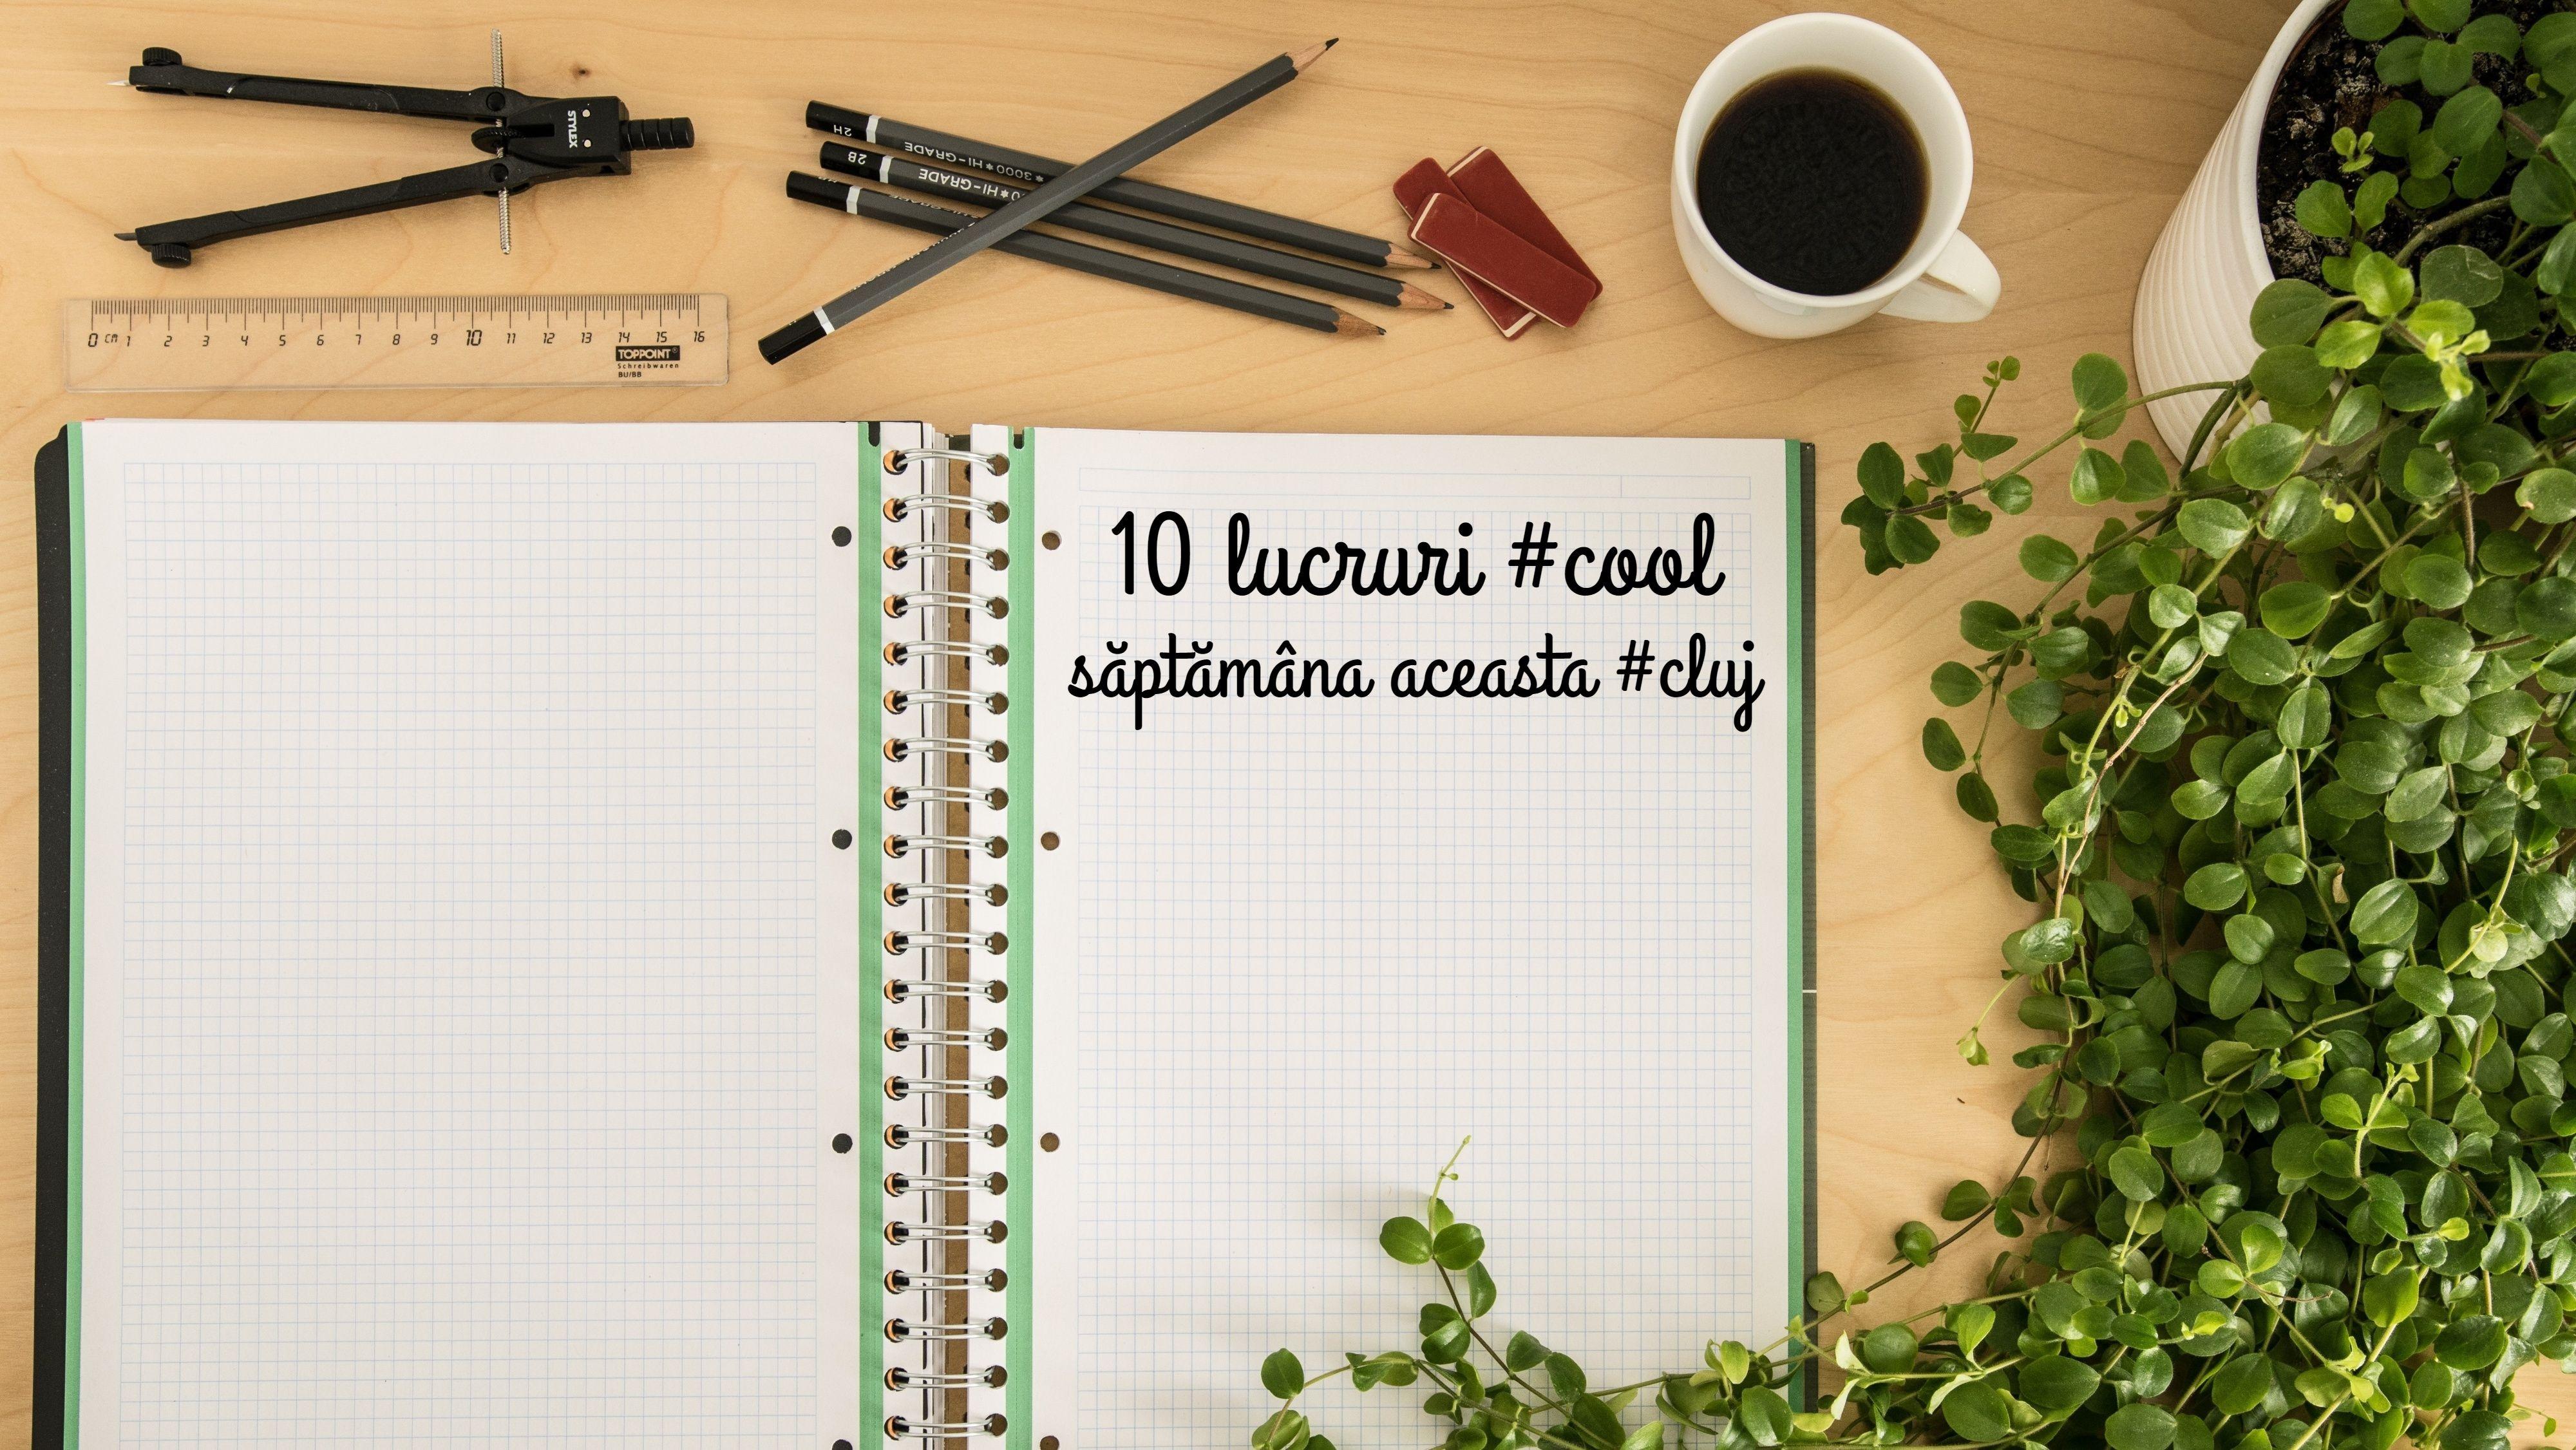 10 lucruri cool pe care le poți face săptămâna aceasta în Cluj